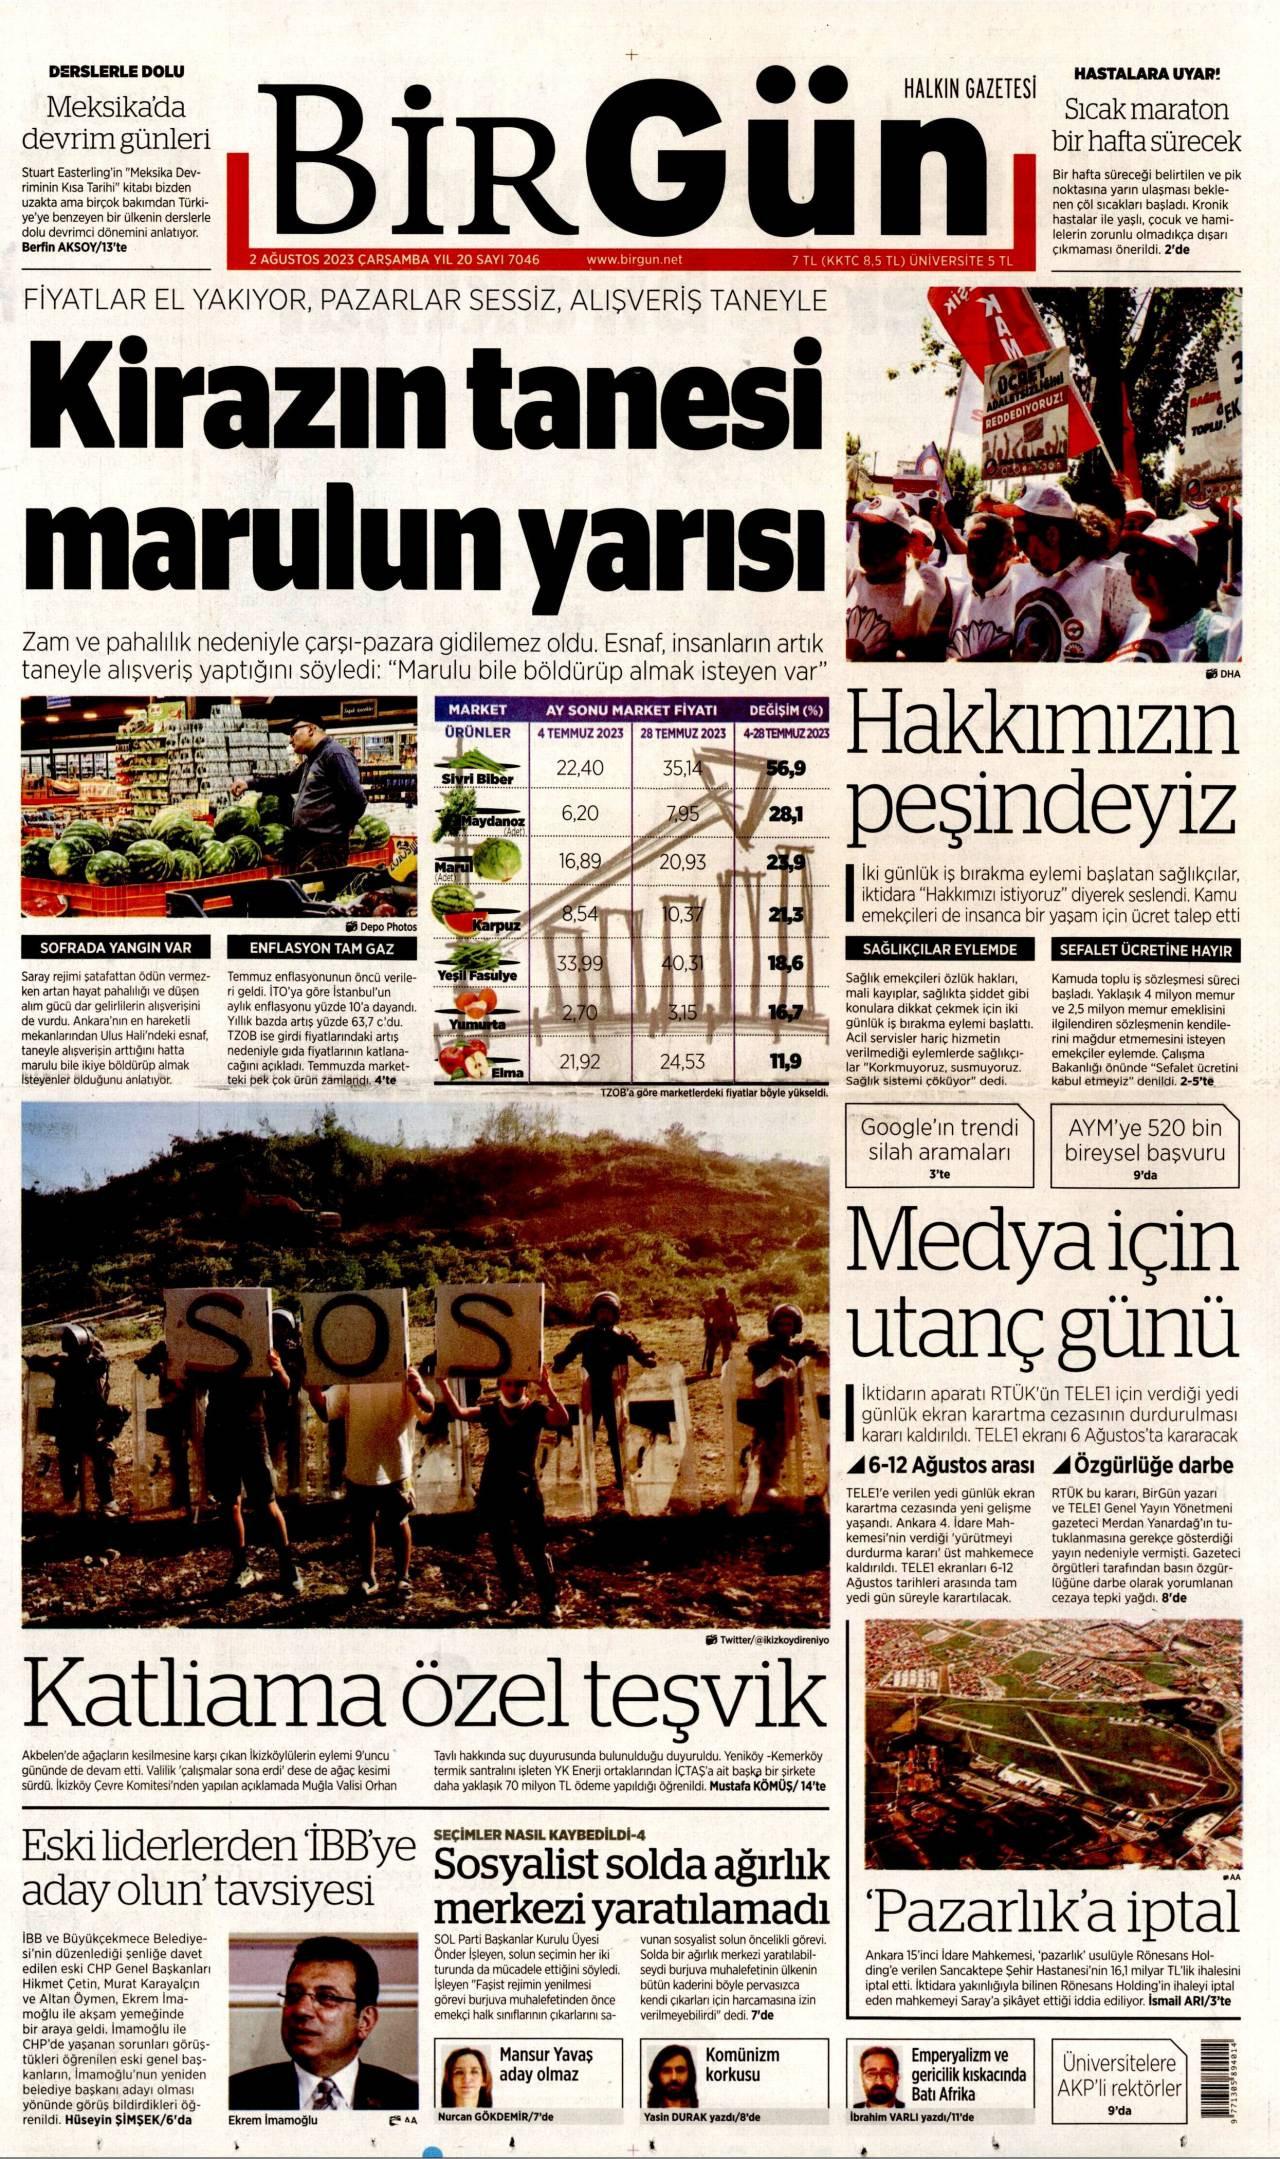 12 Ağustos 2020, Çarşamba birgun Gazetesi